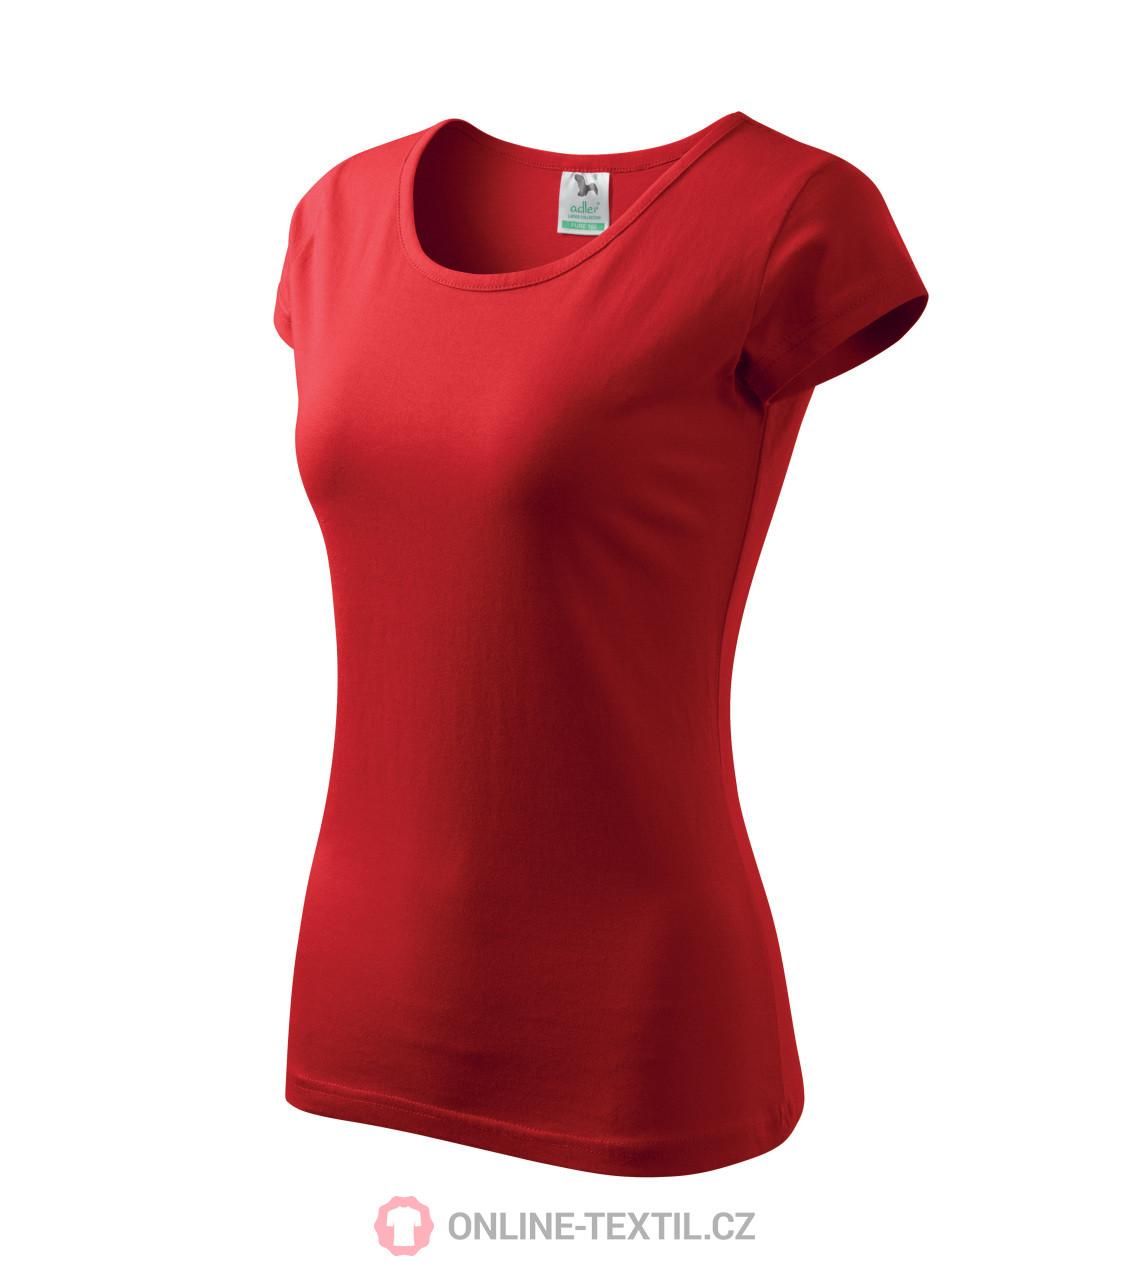 1c53d0a4a4f ADLER CZECH Pure tričko dámské A22 - červená z kolekce MALFINI ...